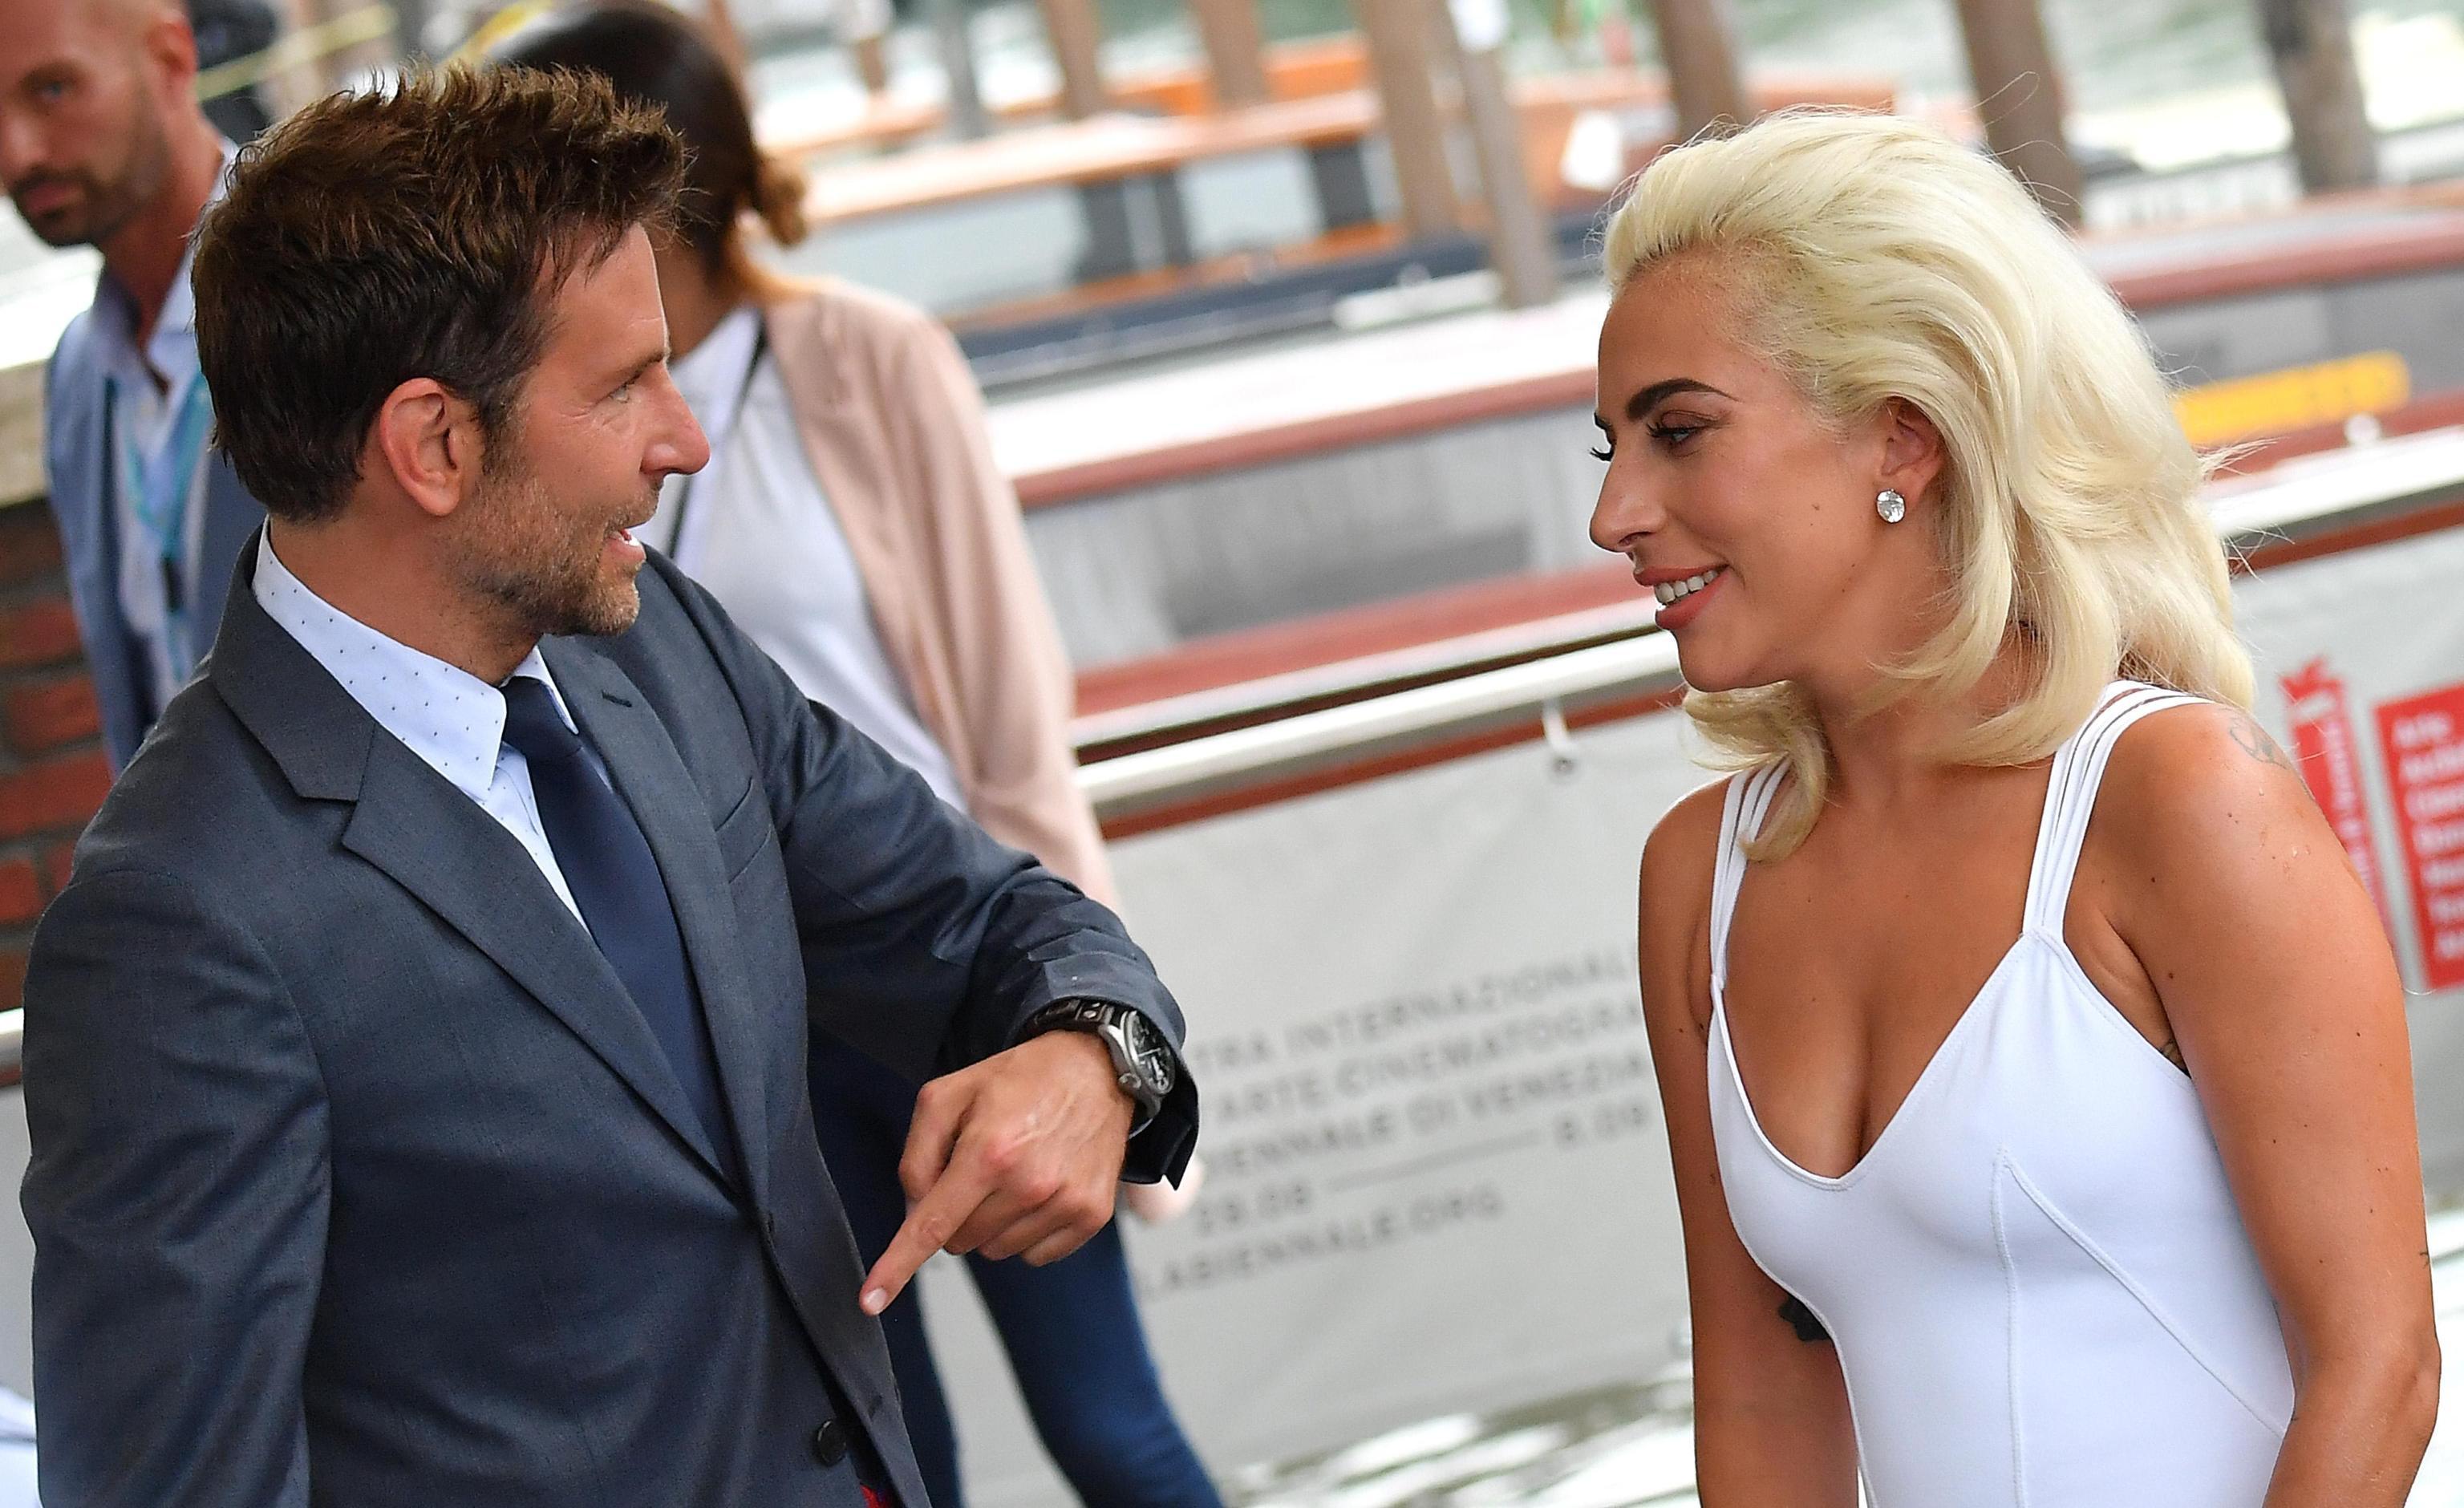 """Извън конкурсната програма на венецианската Мостра днес се представя филмът """"Роди се звезда"""". Това е световна премиера на продукцията, която е режисьорски дебют за актьора Брадли Купър и актьорски дебют за Лейди Гага. По екраните в САЩ тя ще излезе на 5 октомври. На прожекцията на филма Гага се появи под ръка с Купър, облечена с елегантна рокля в бяло. """"Роди се звезда"""" разказва историята за паралелен възход и падение на музикални изпълнители, обвързани в любовна история."""